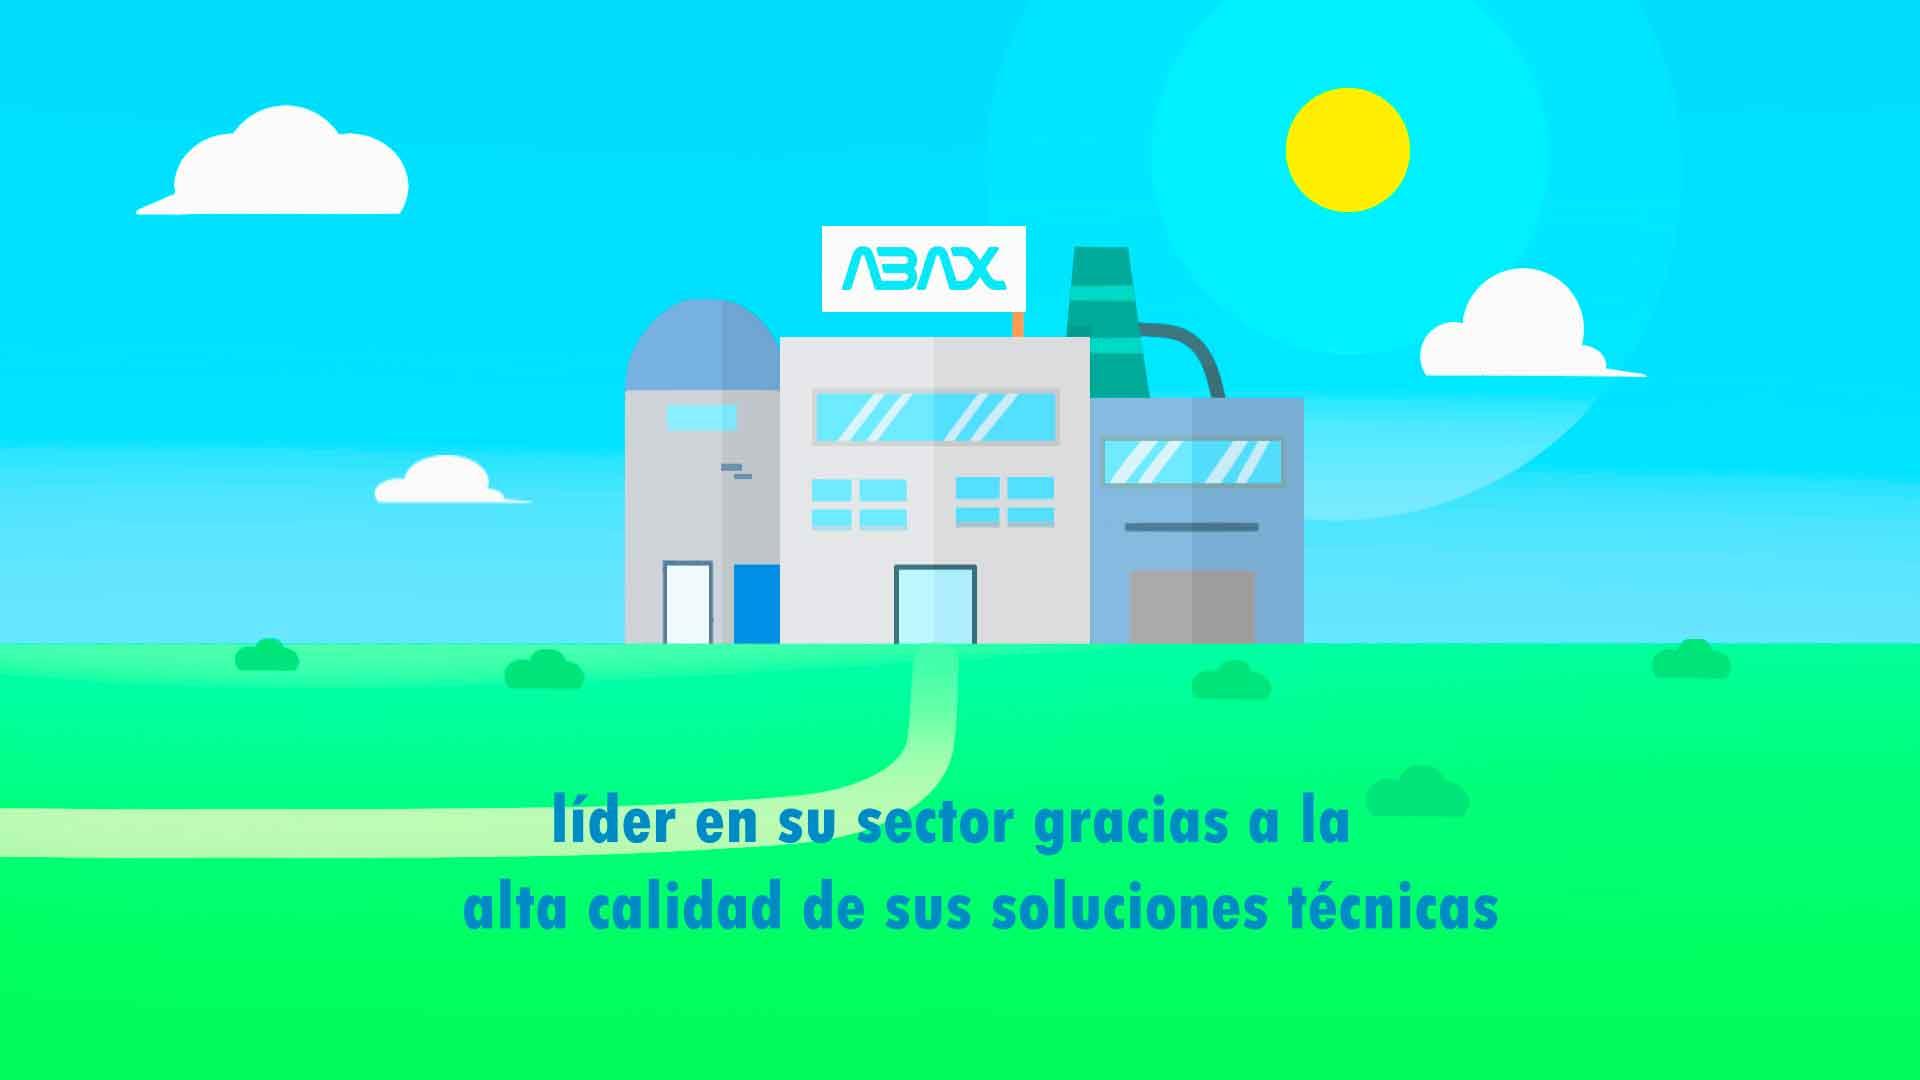 Vídeo-presentación-global-Abax